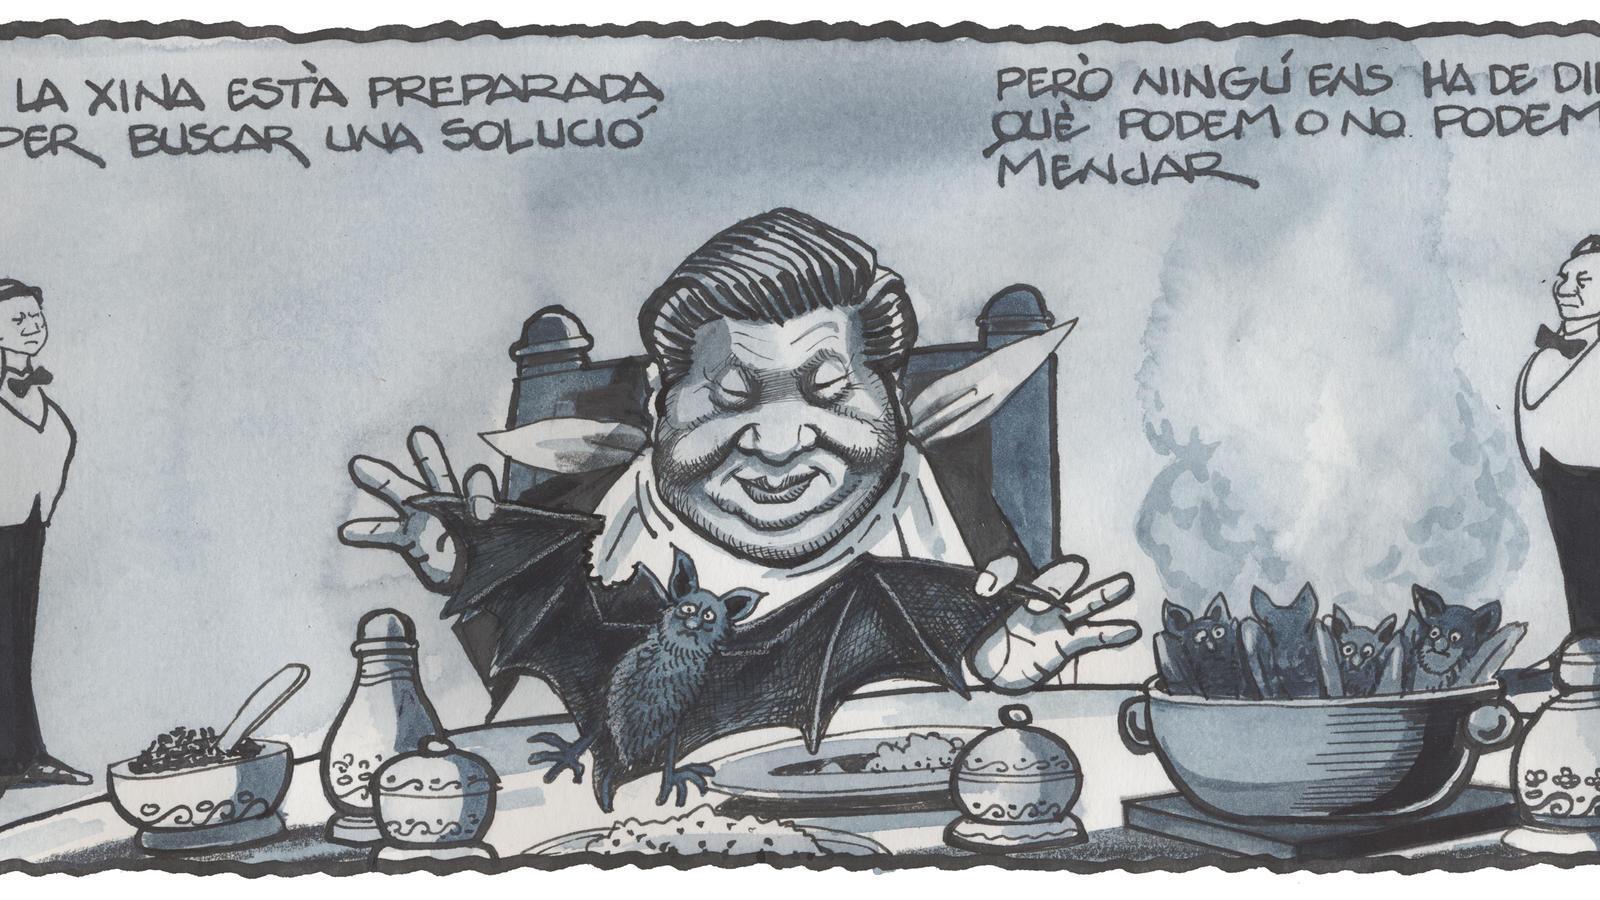 'A la contra', per Ferreres 25/05/2020